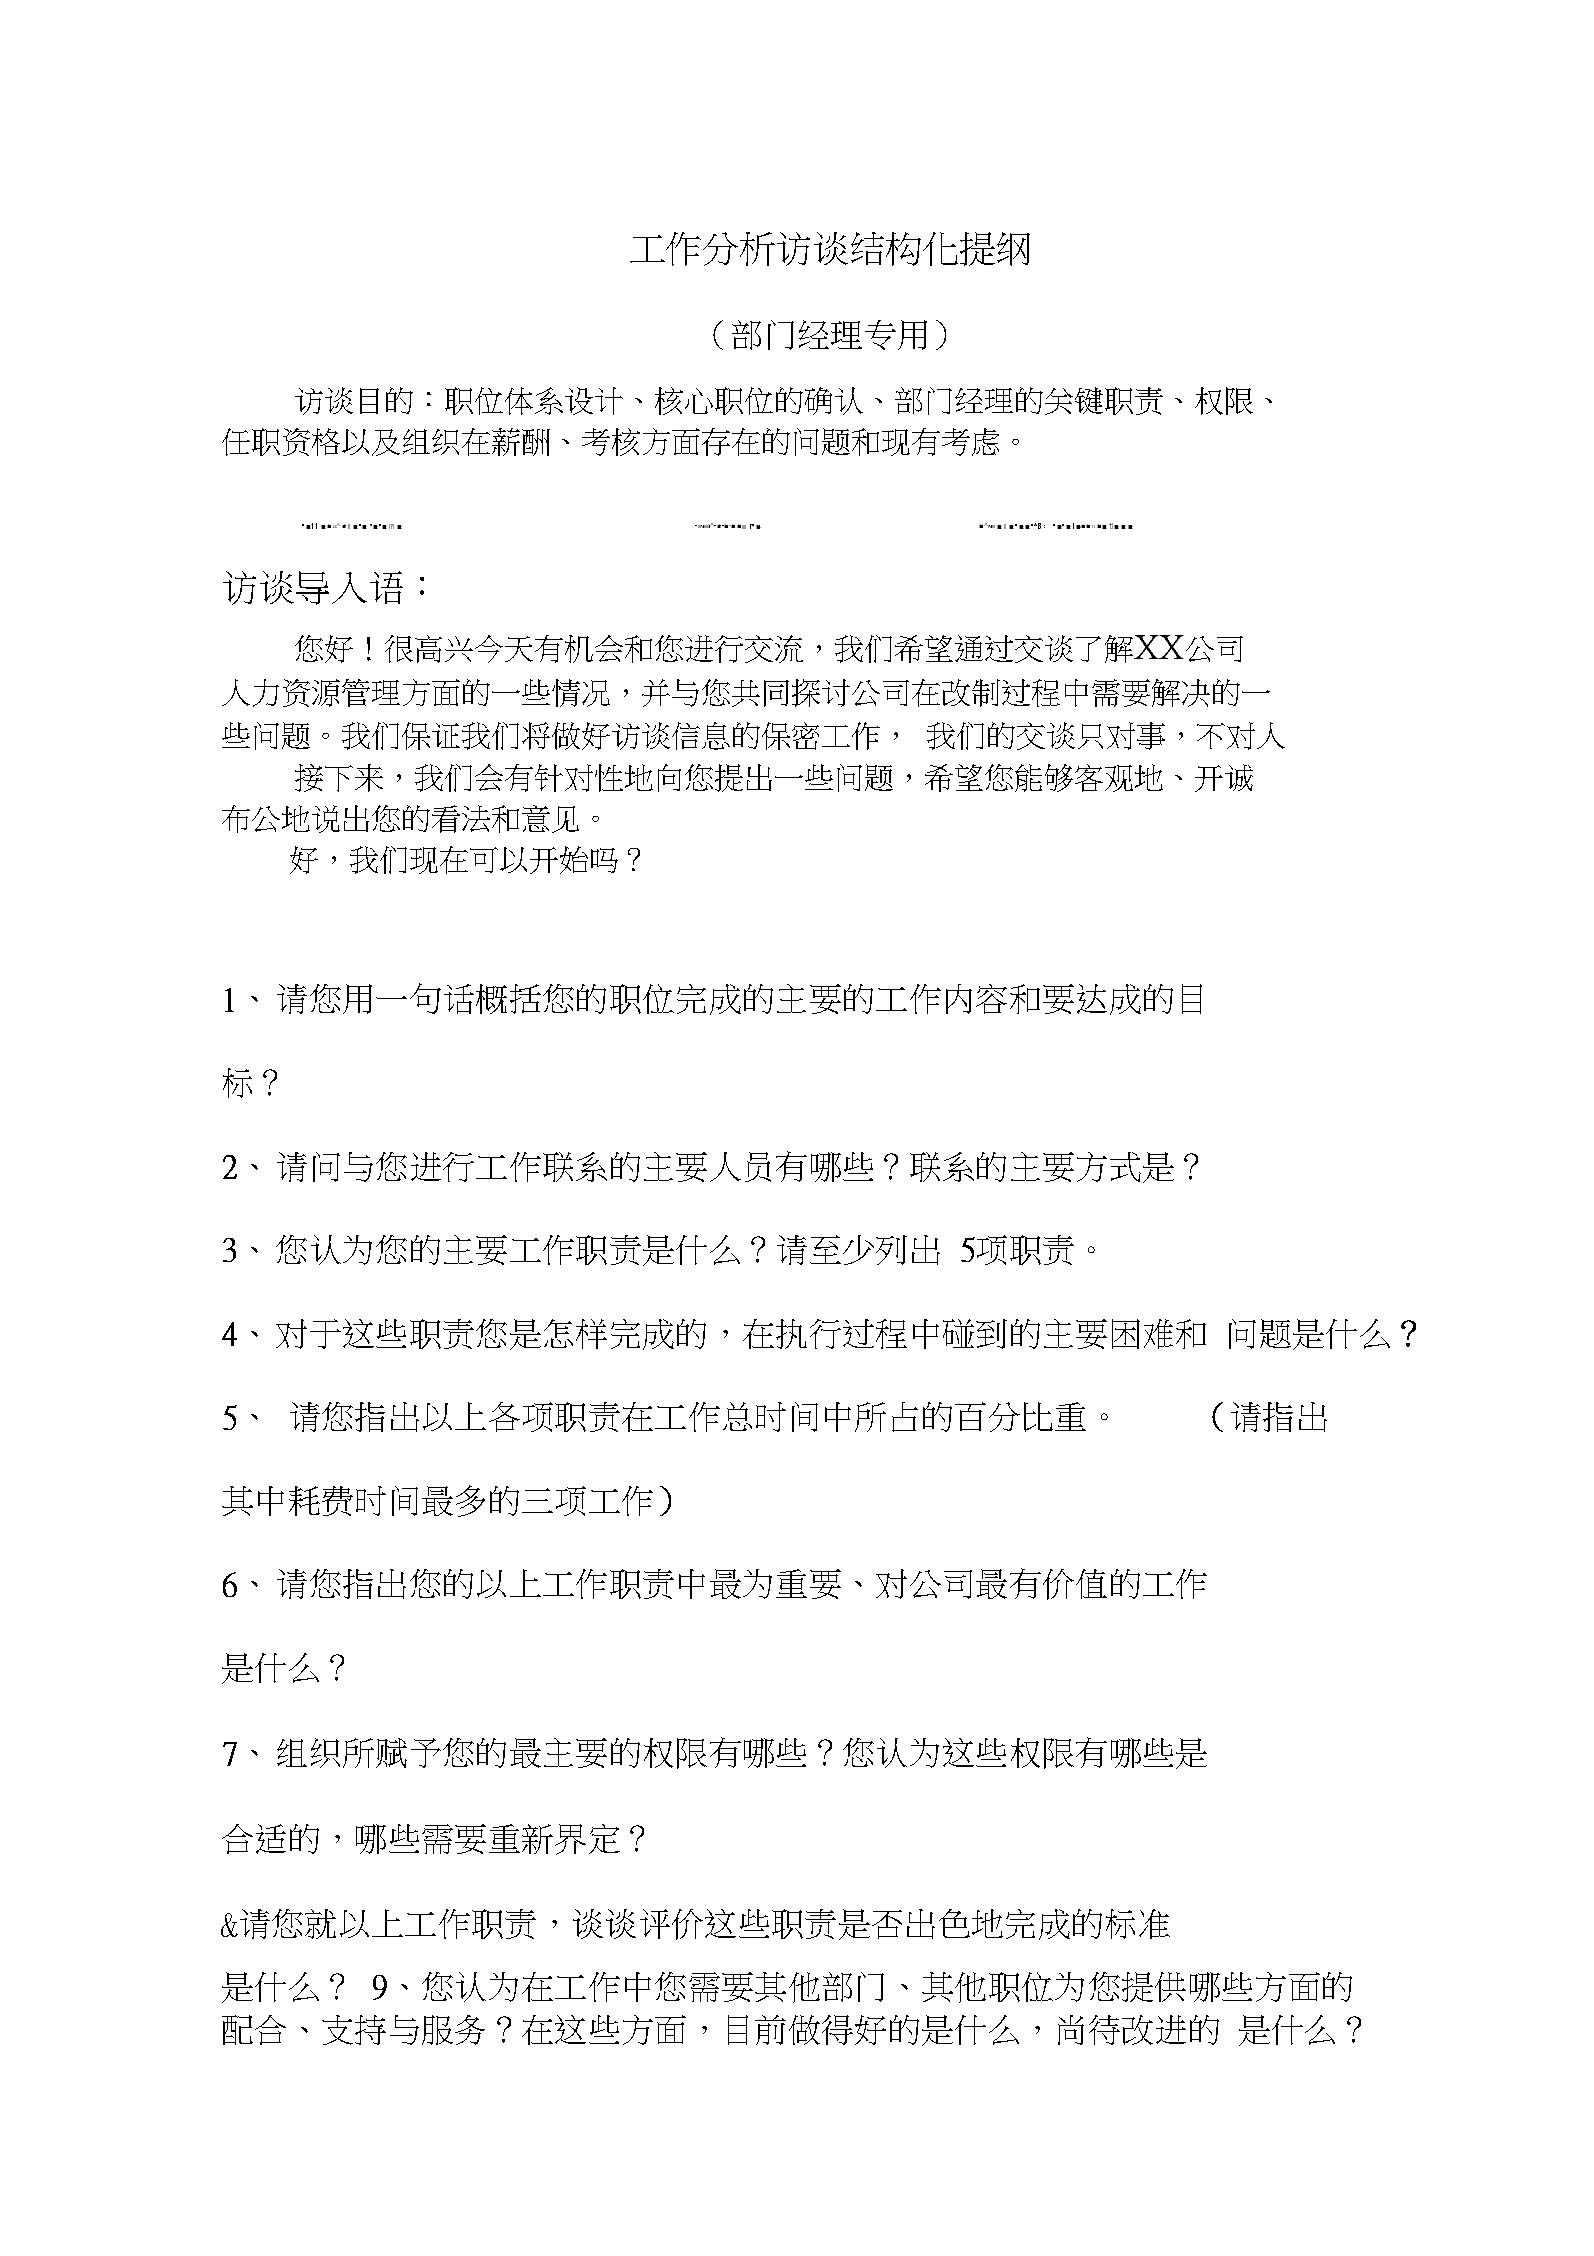 (完整版)工作分析访谈提纲.docx